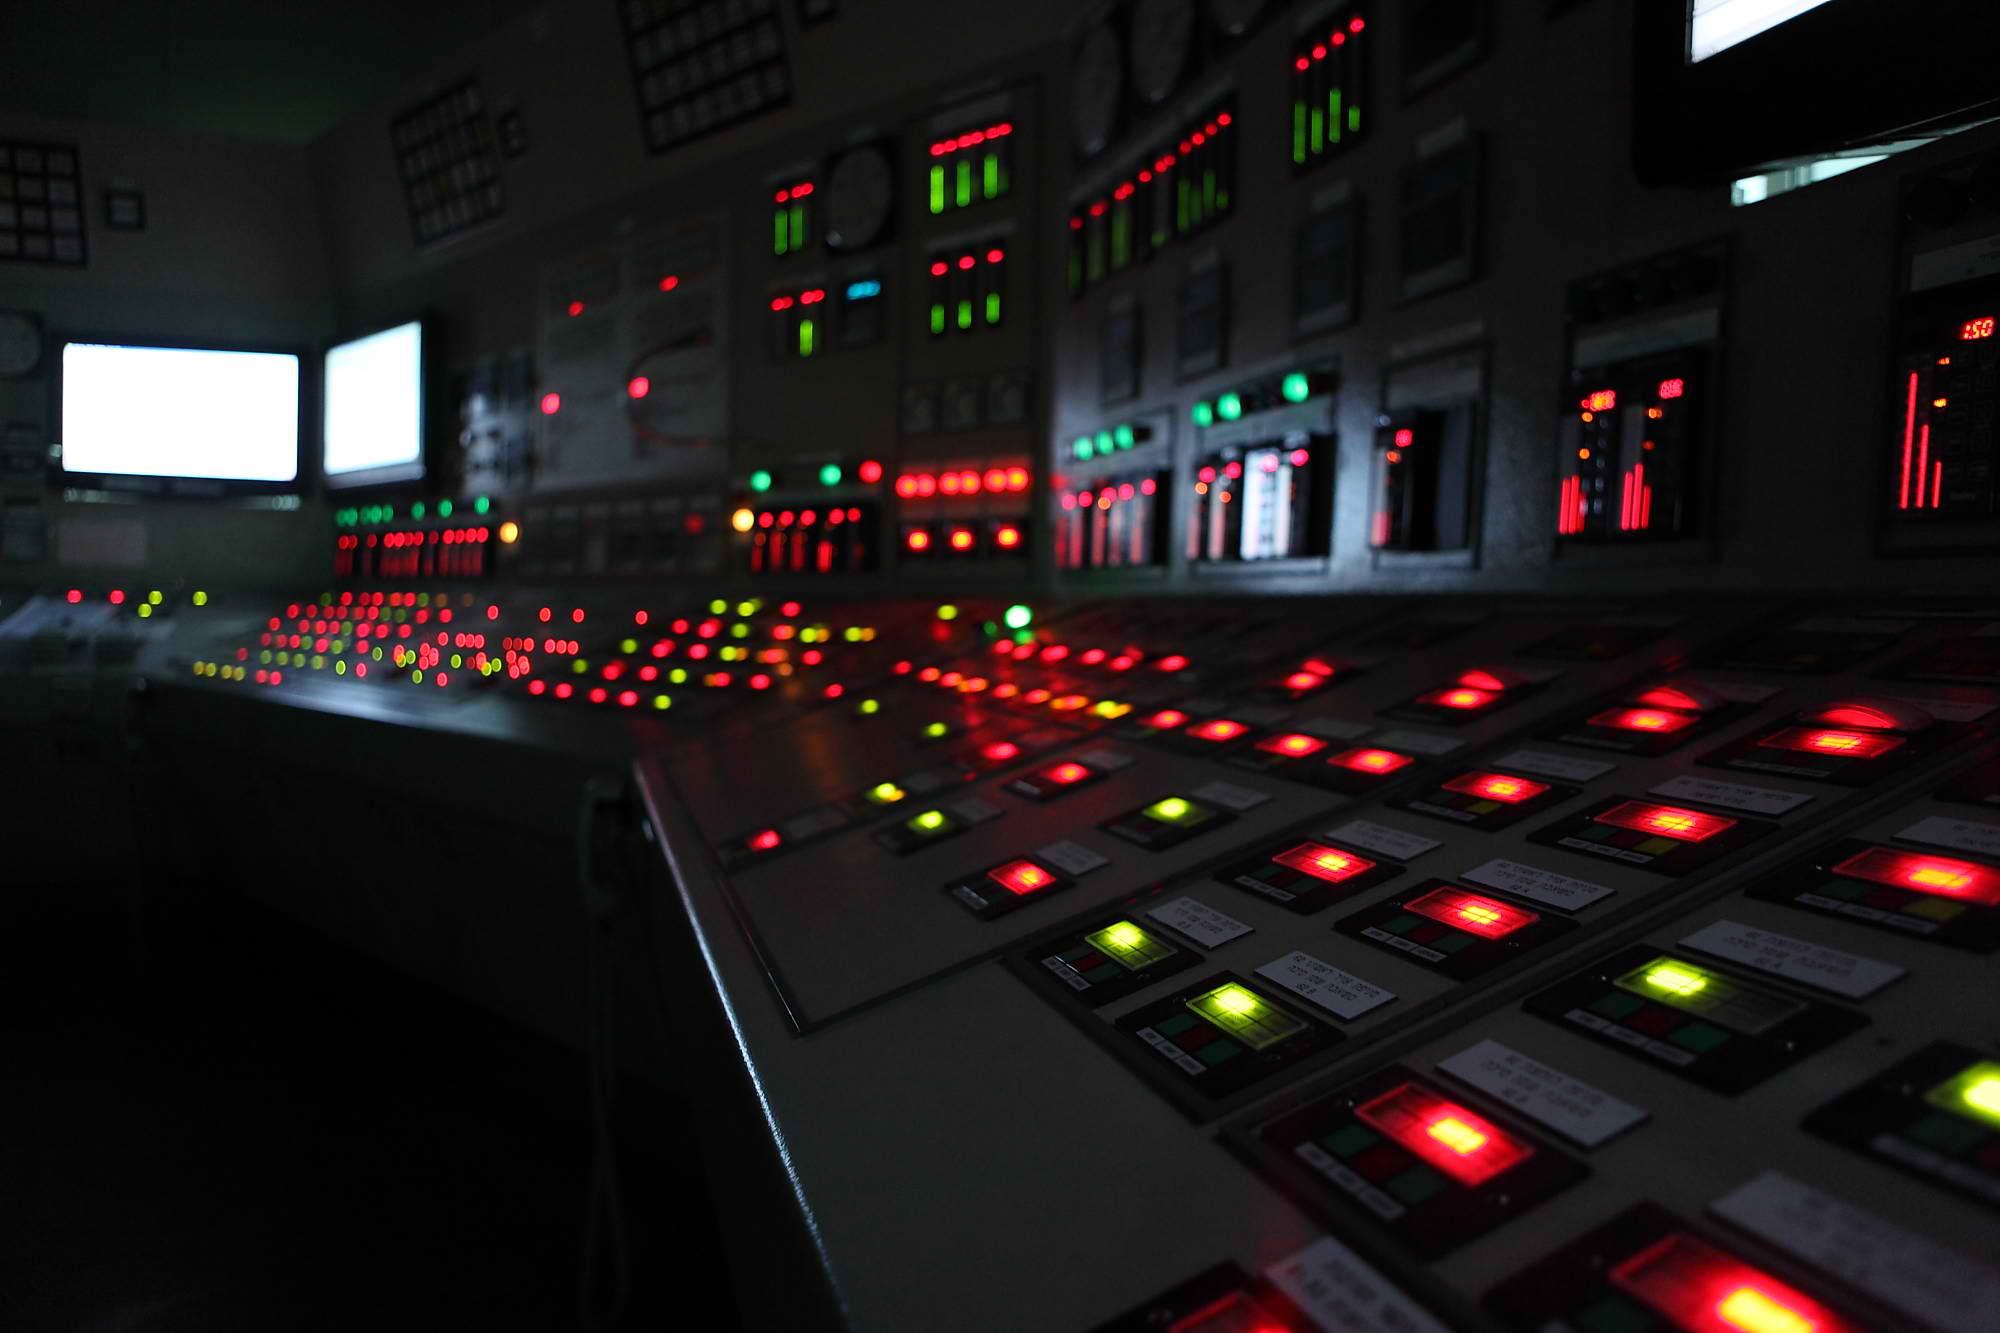 חדר בקרה - חברת החשמל